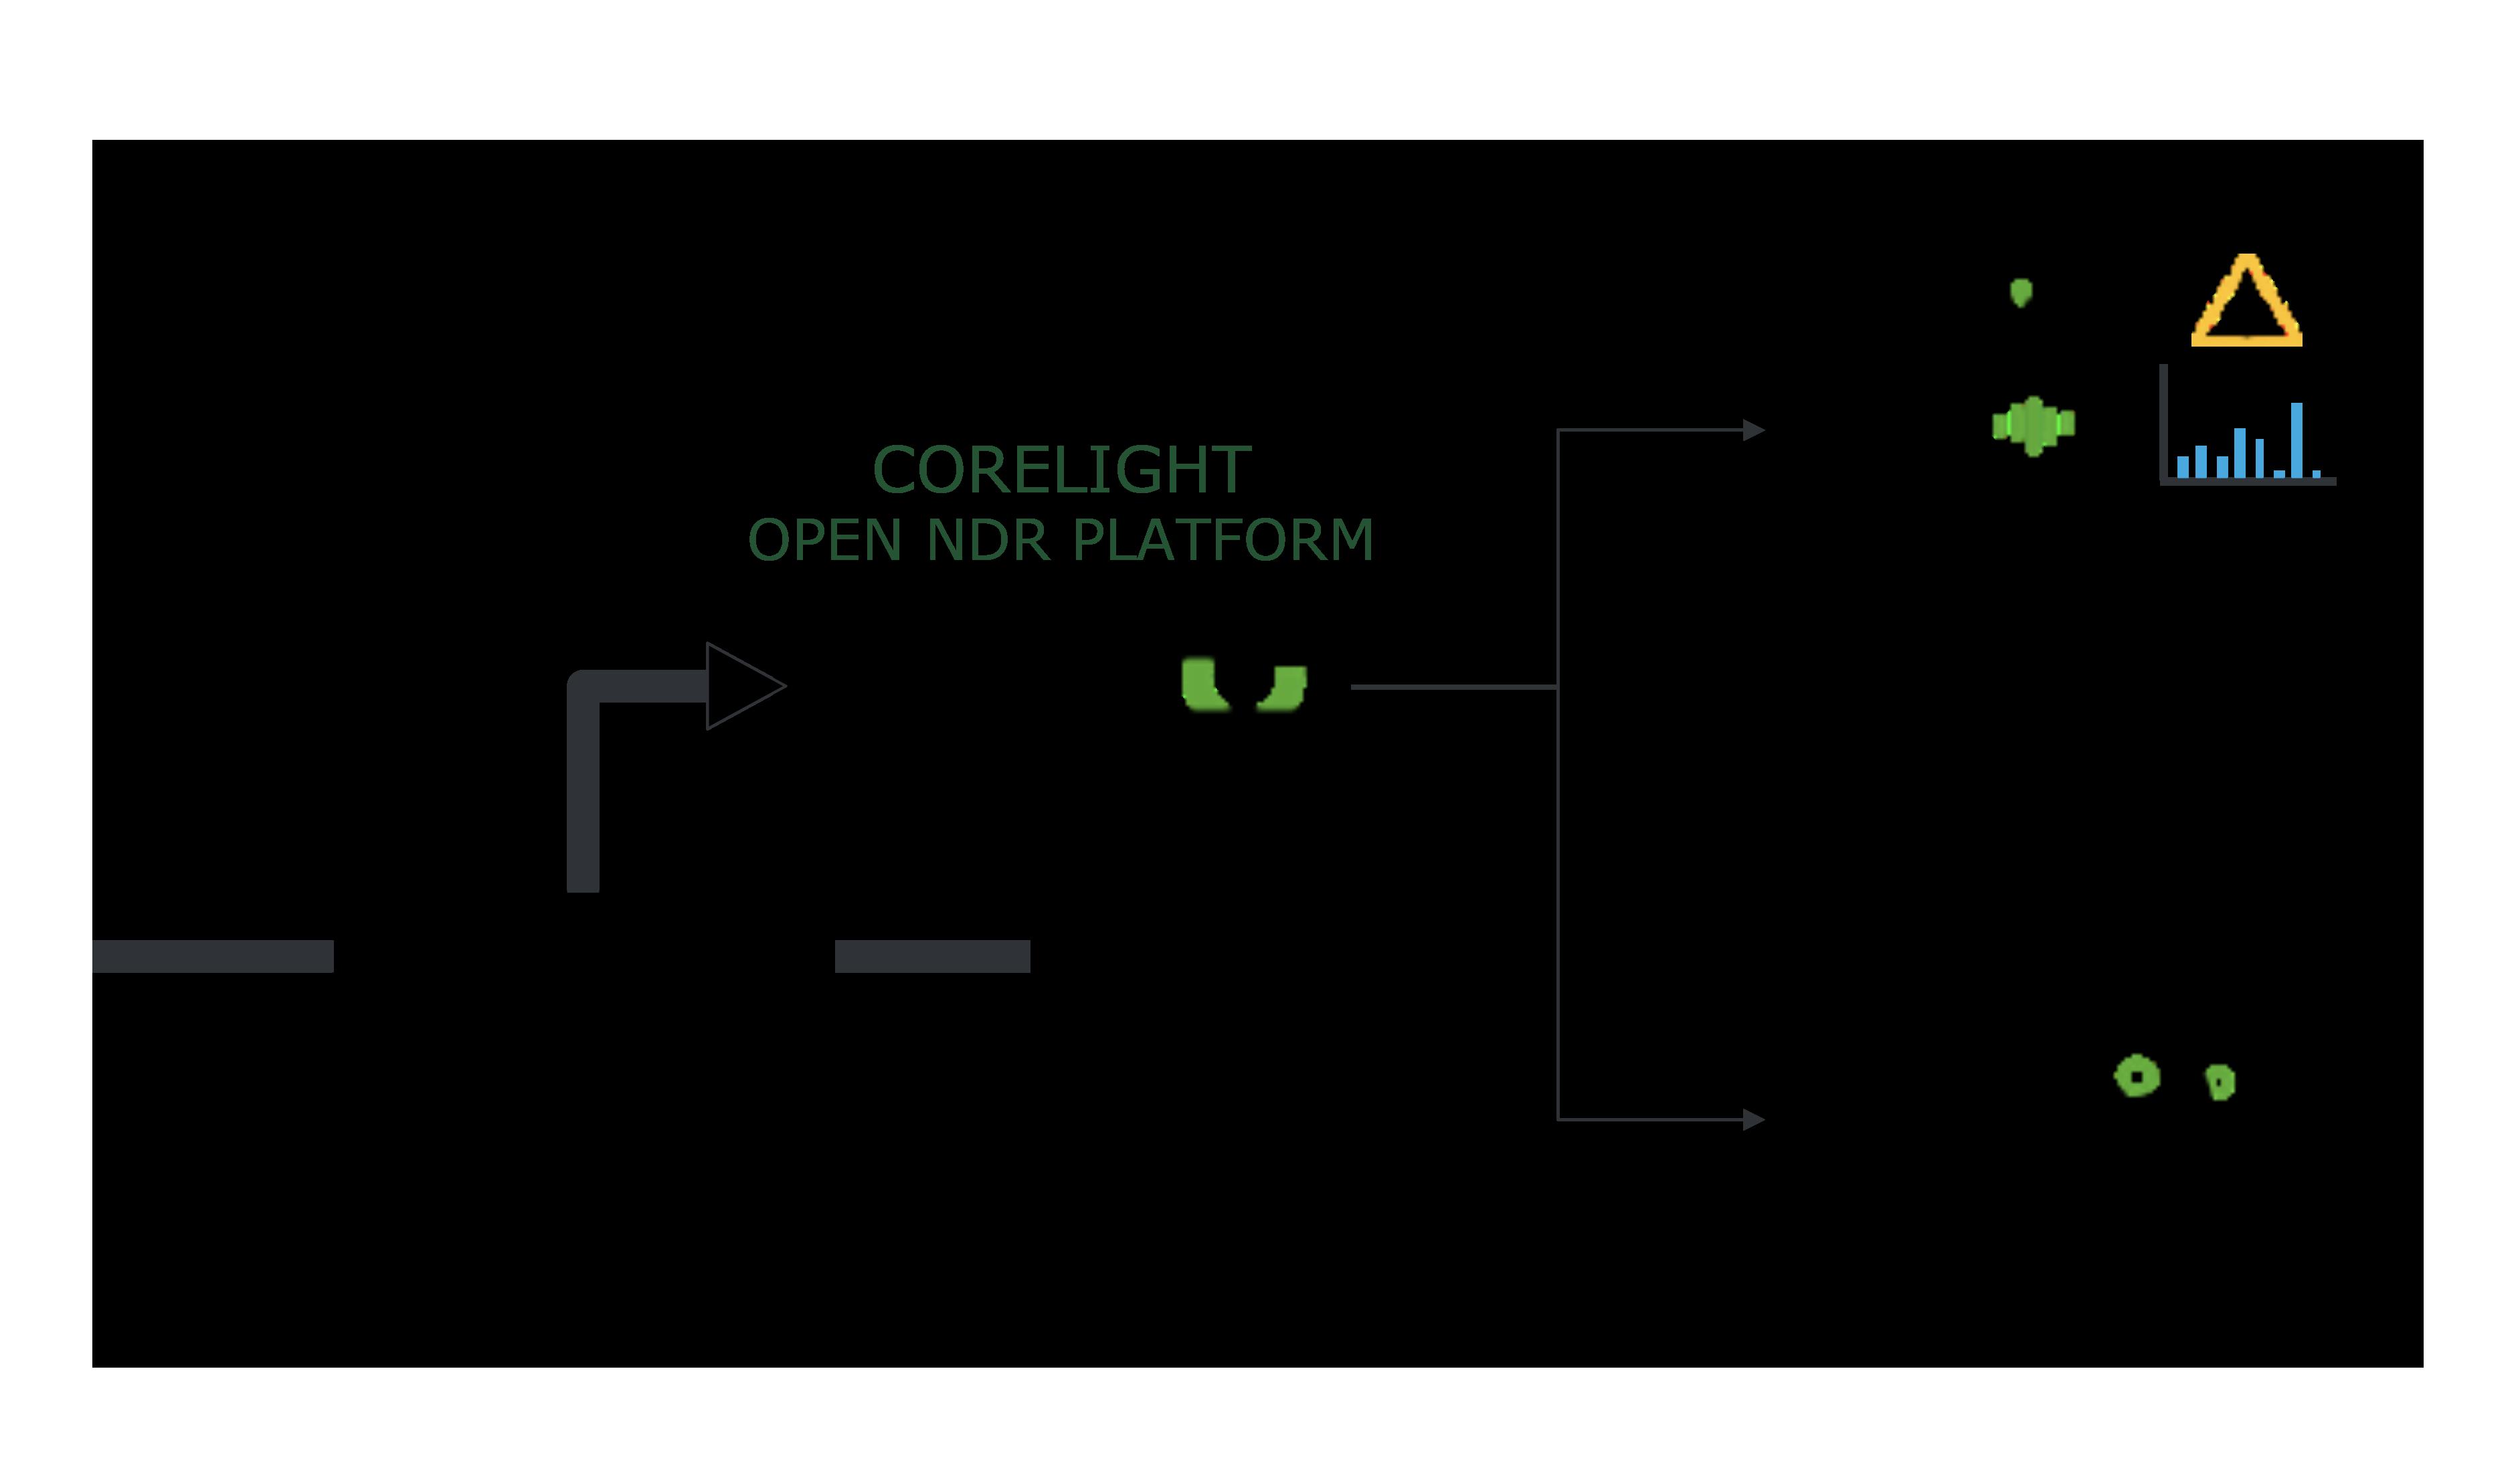 Corelight Open NDR Platform